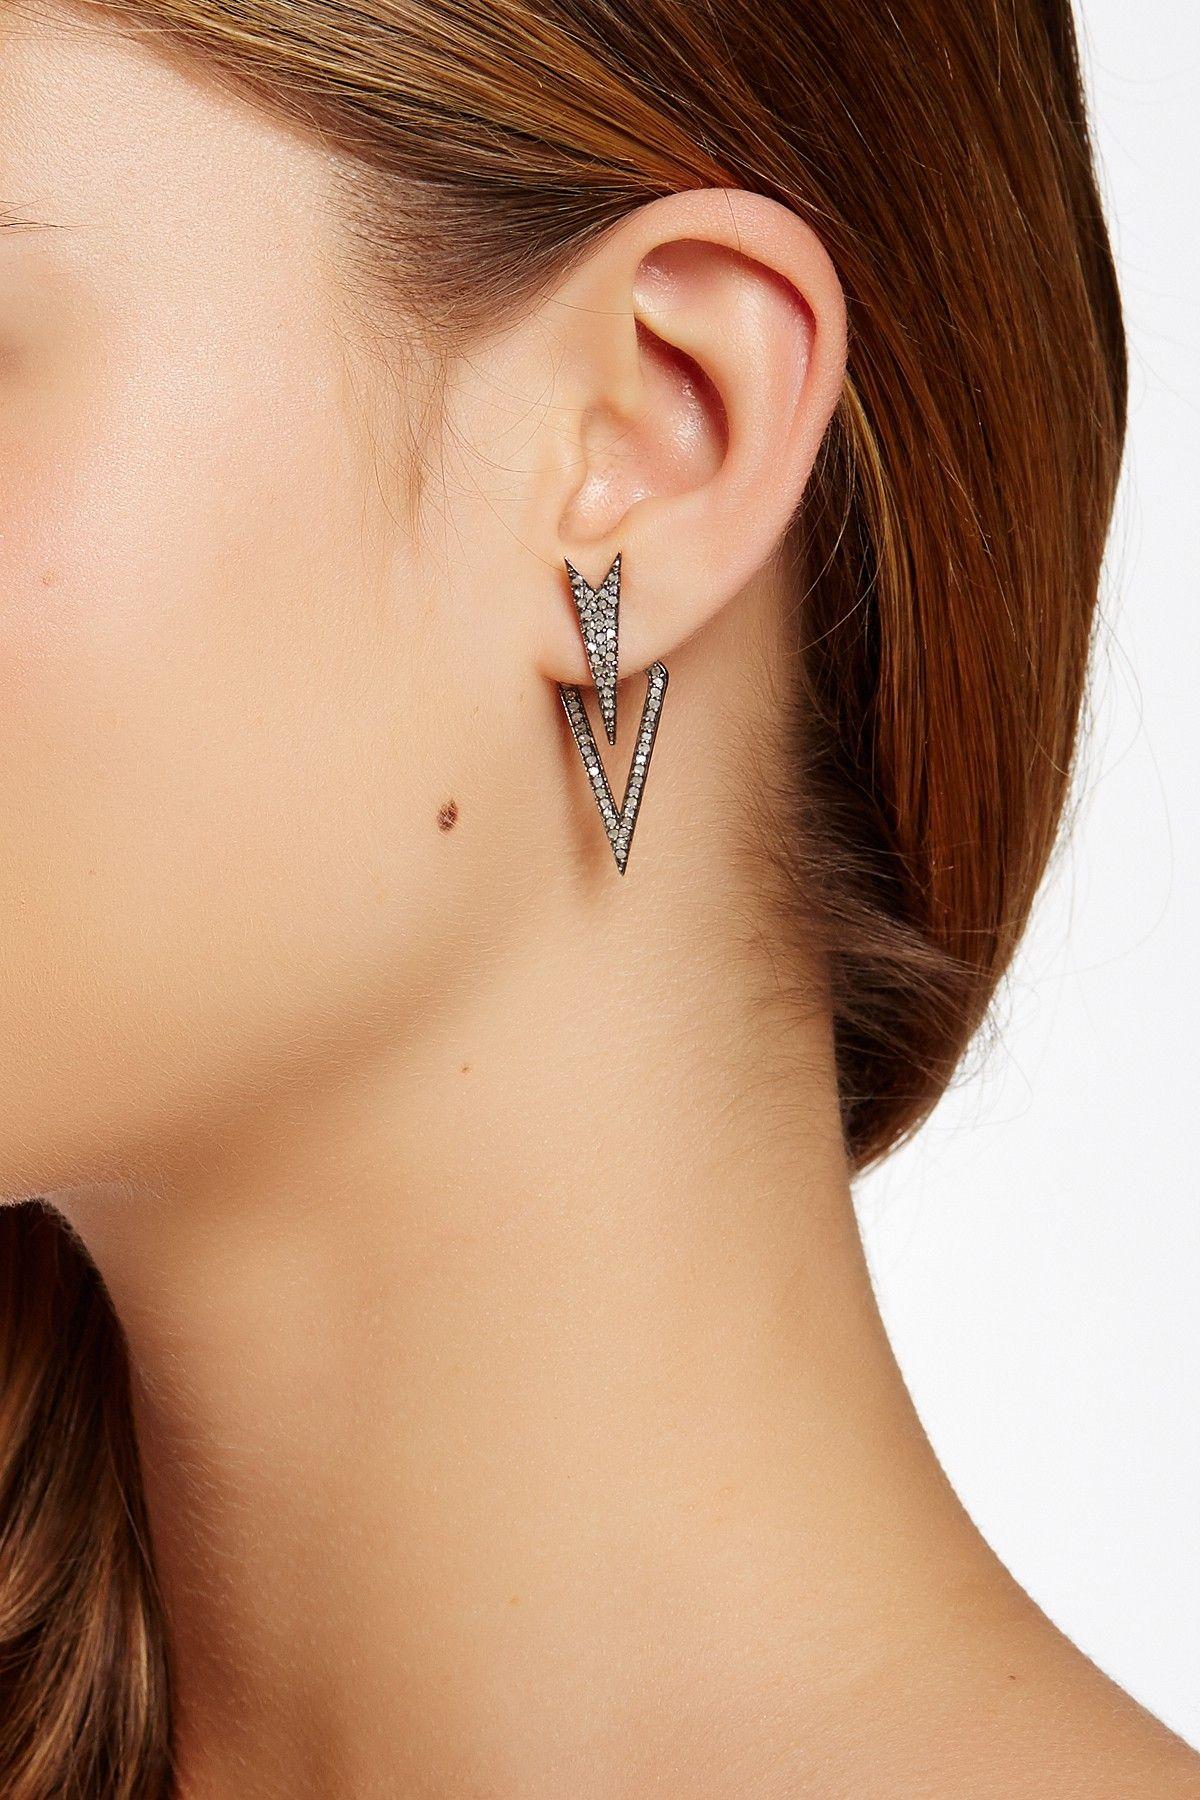 Oxidized Sterling Silver Pave Diamond Double Spike Jacket Earrings - 1.00 ctw on @HauteLook